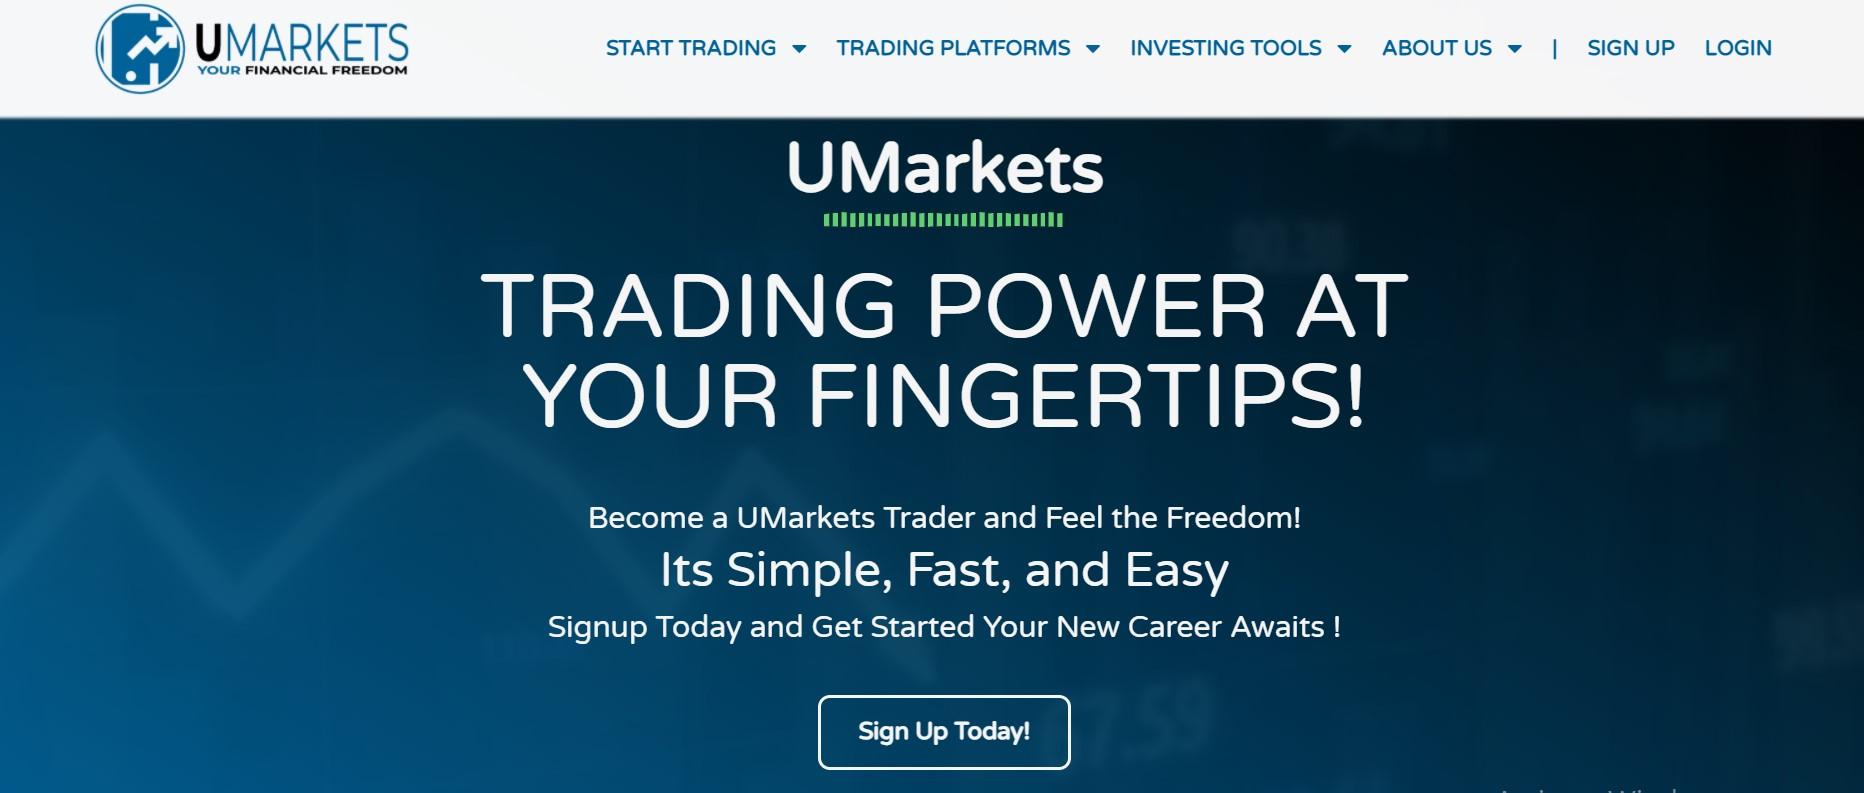 UMarkets website